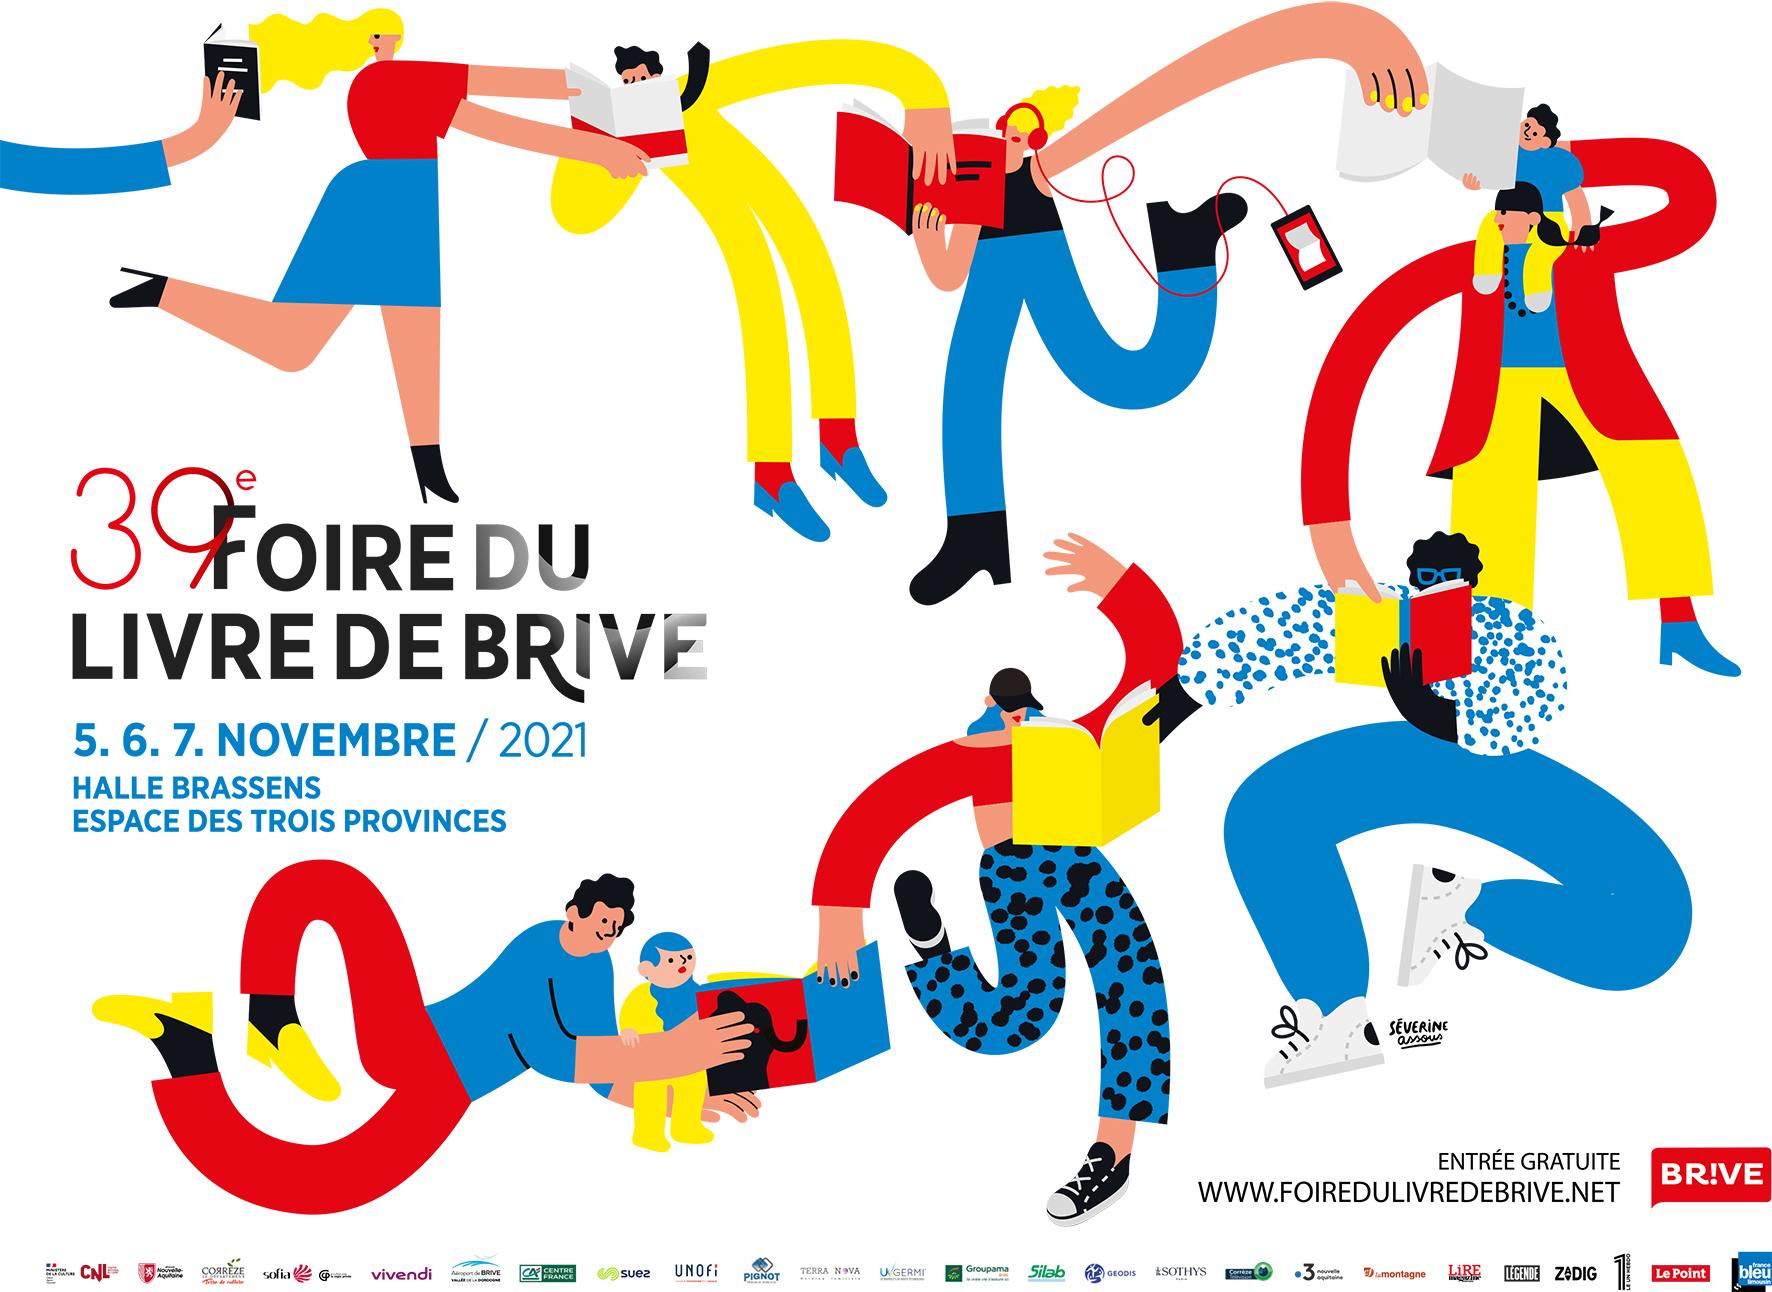 Foire du livre de Brive : Simon Spruyt (le Tambour de la Moskova), Ben Jurdic (Happy End)